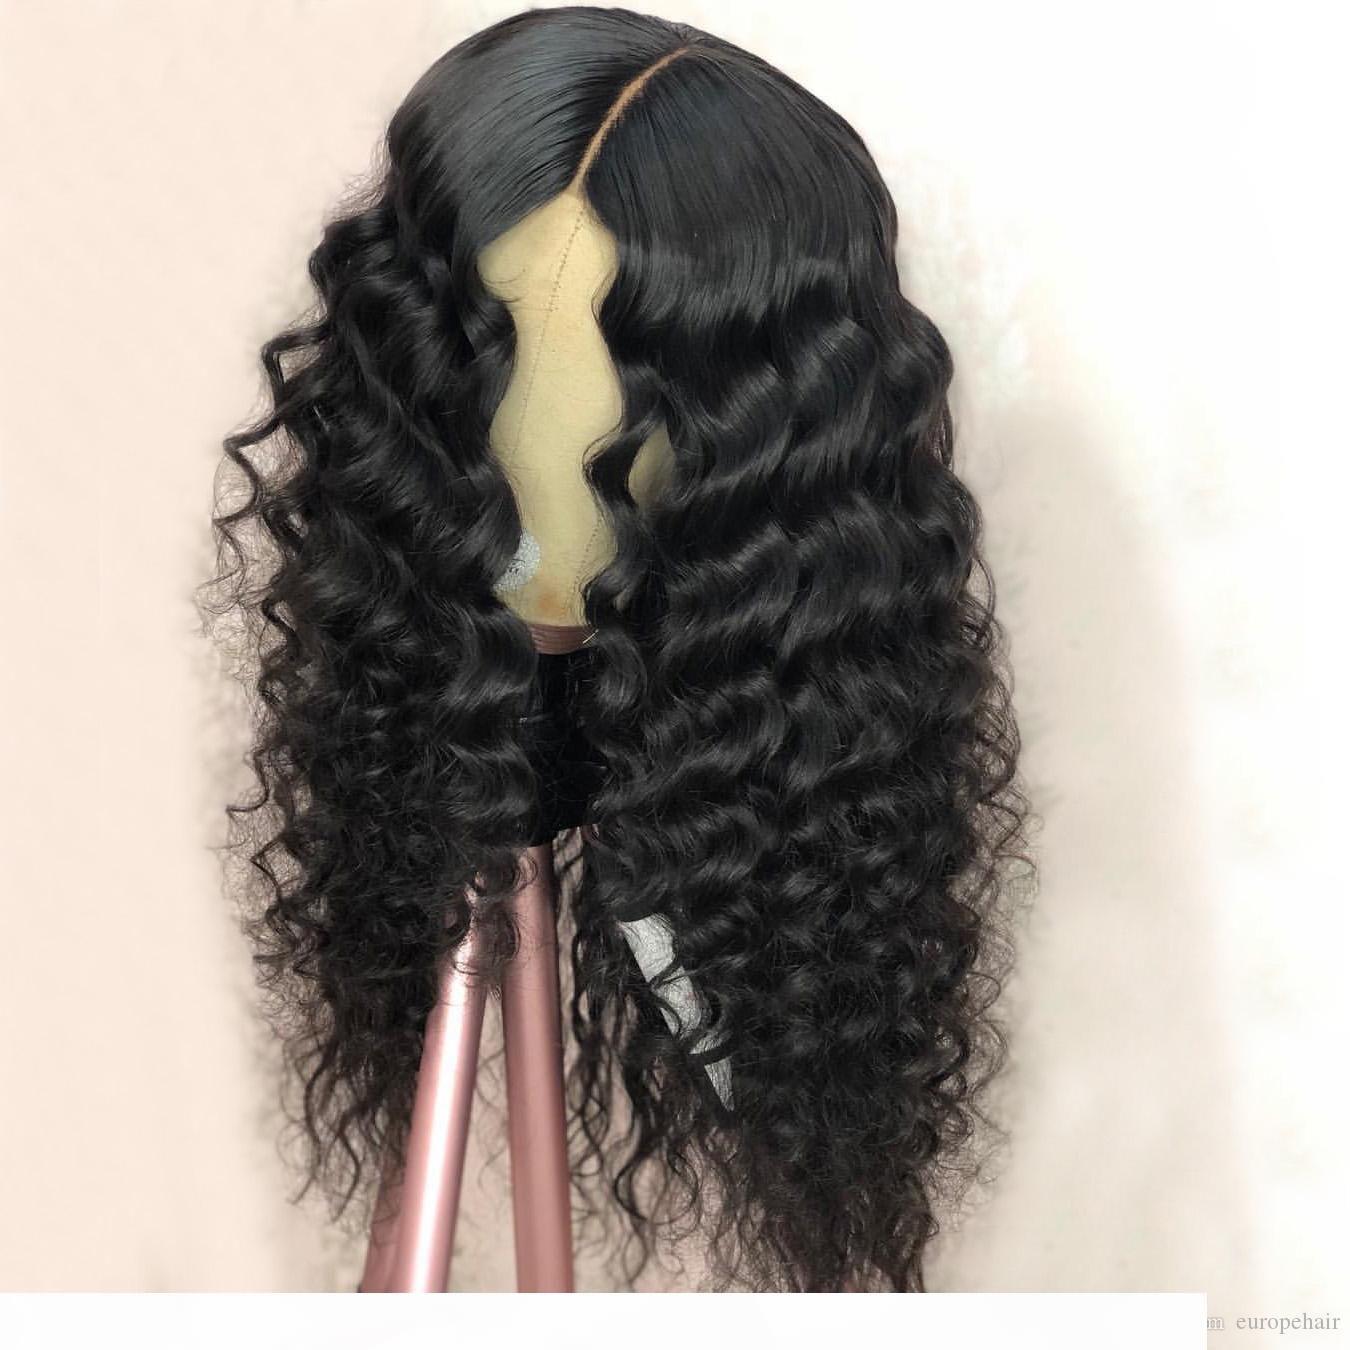 13x6 frente del cordón peluca rizada Pre desplumados pelucas del pelo humano para las mujeres Negro 150% Densidad brasileña del frente del cordón de Remy peluca de pelo rizado Humano